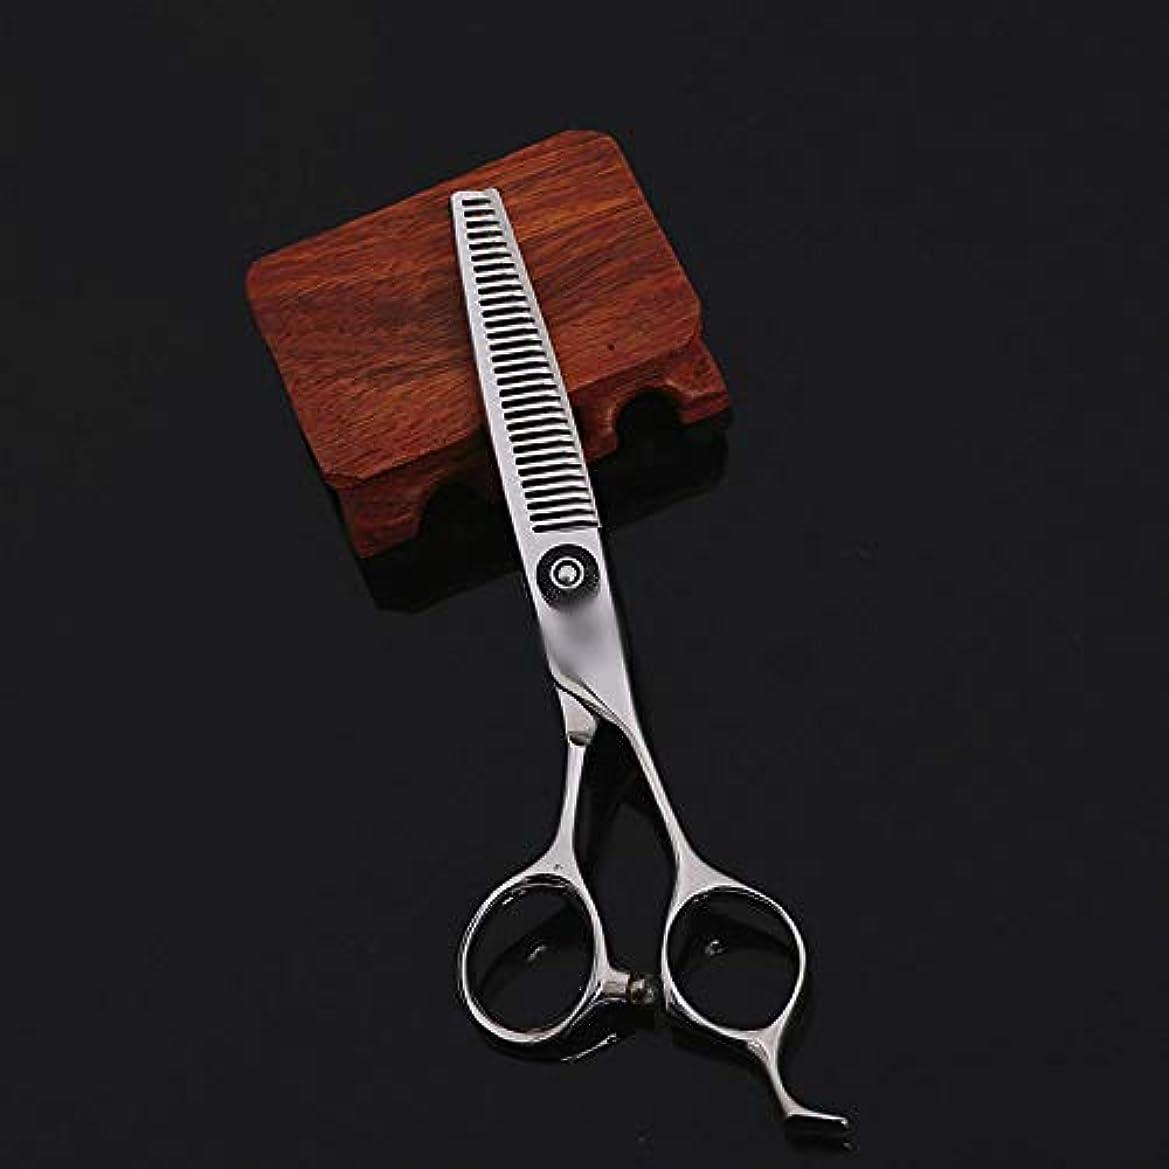 トンネル仕立て屋劇的WASAIO プロフェッショナル口ひげトリミングアクセサリー薄毛のはさみはさみレベルカット理容室ステンレス鋼理髪6インチカービング (色 : Silver)